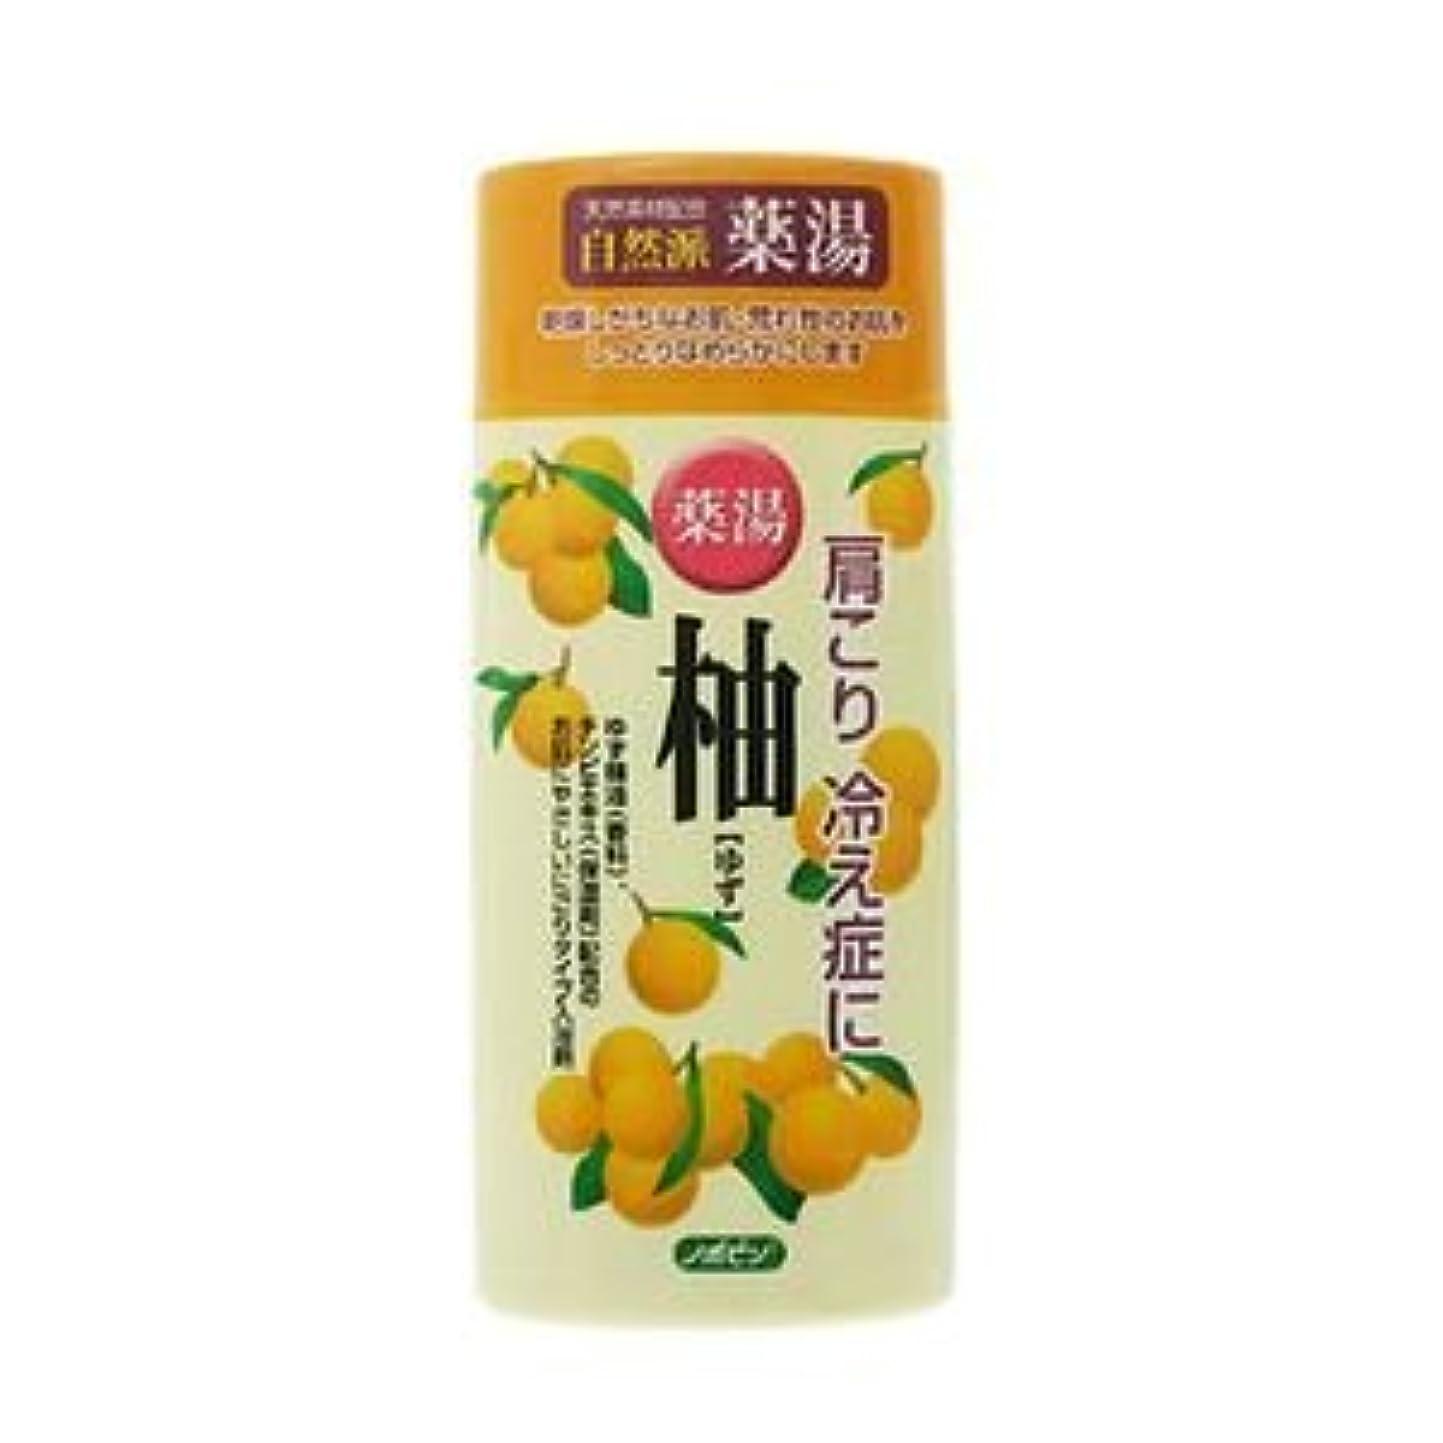 ありがたいアクセサリー良性紀陽除虫菊 ノボピン 薬湯 柚 ゆず(にごり湯) 480gボトル【まとめ買い20個セット】 N-0018